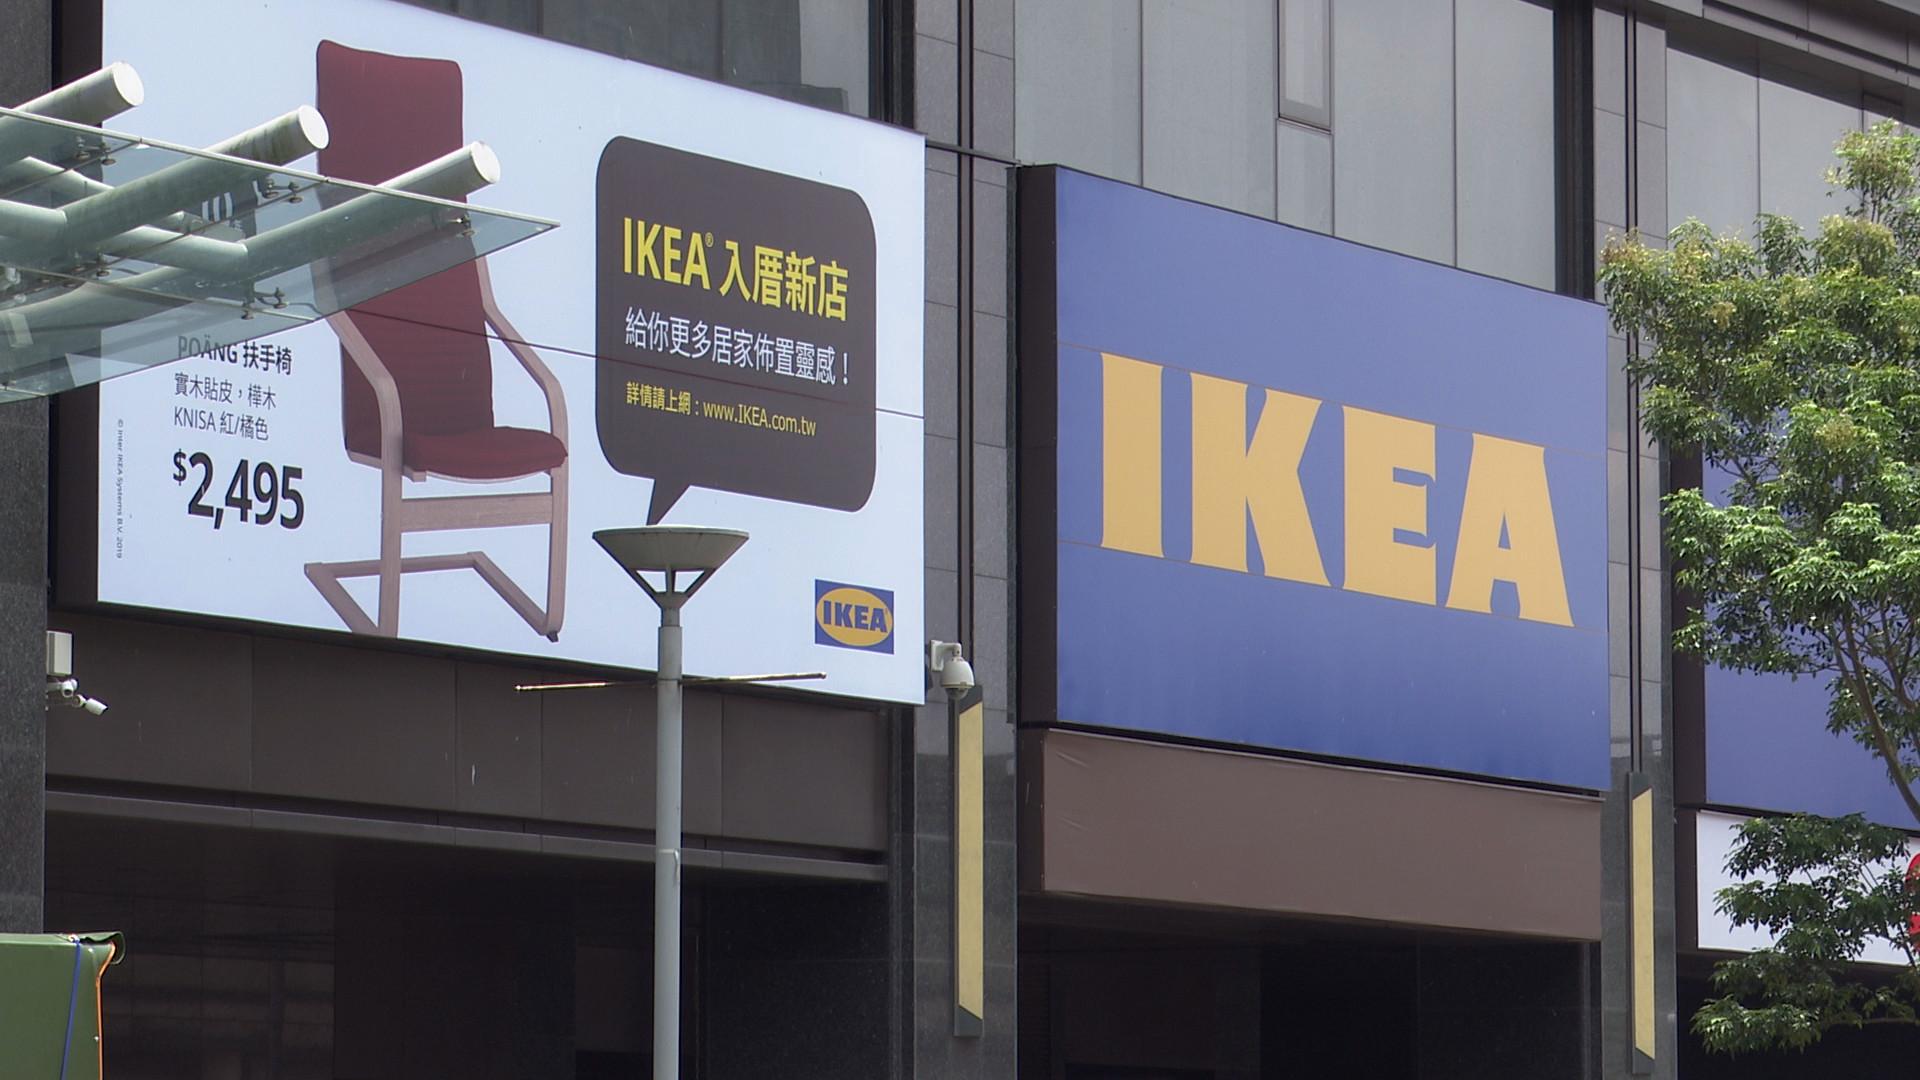 ▲▼新店,央北重劃區,京站購物商場,IKEA新店店,捷運小碧潭站。(圖/記者姜國輝攝)